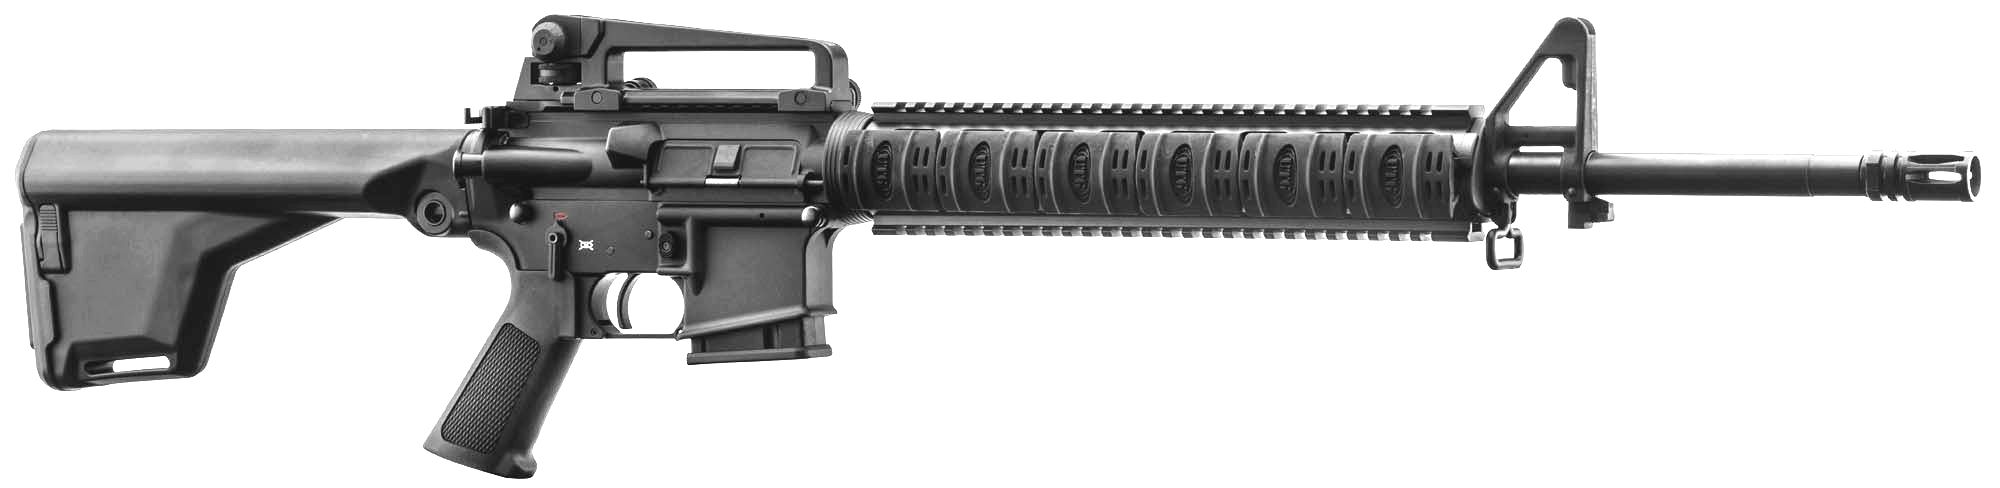 SCHMEISSER AR15A4/M16A4 20